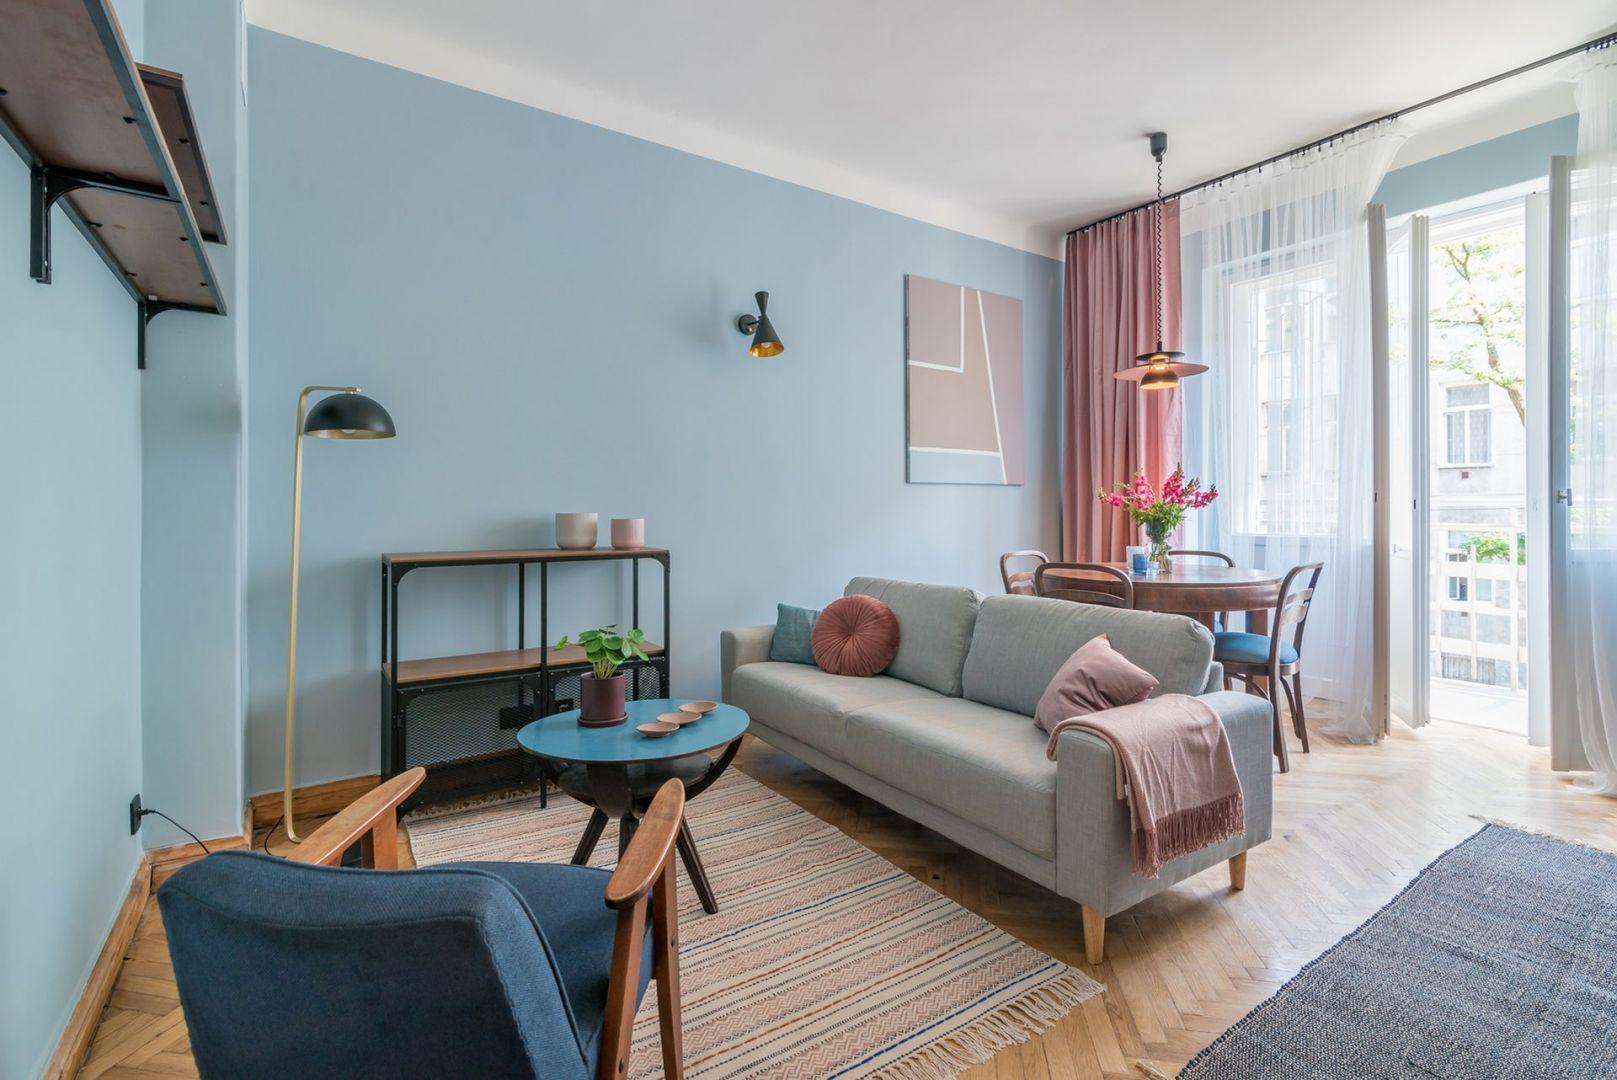 Kolory w salonie mają wprowadzać w nastrój relaksu. Projekt i stylizacja wnętrza: Ola Dąbrówka, pracownia Good Vibes Interiors. Zdjęcia: Marcin Mularczyk